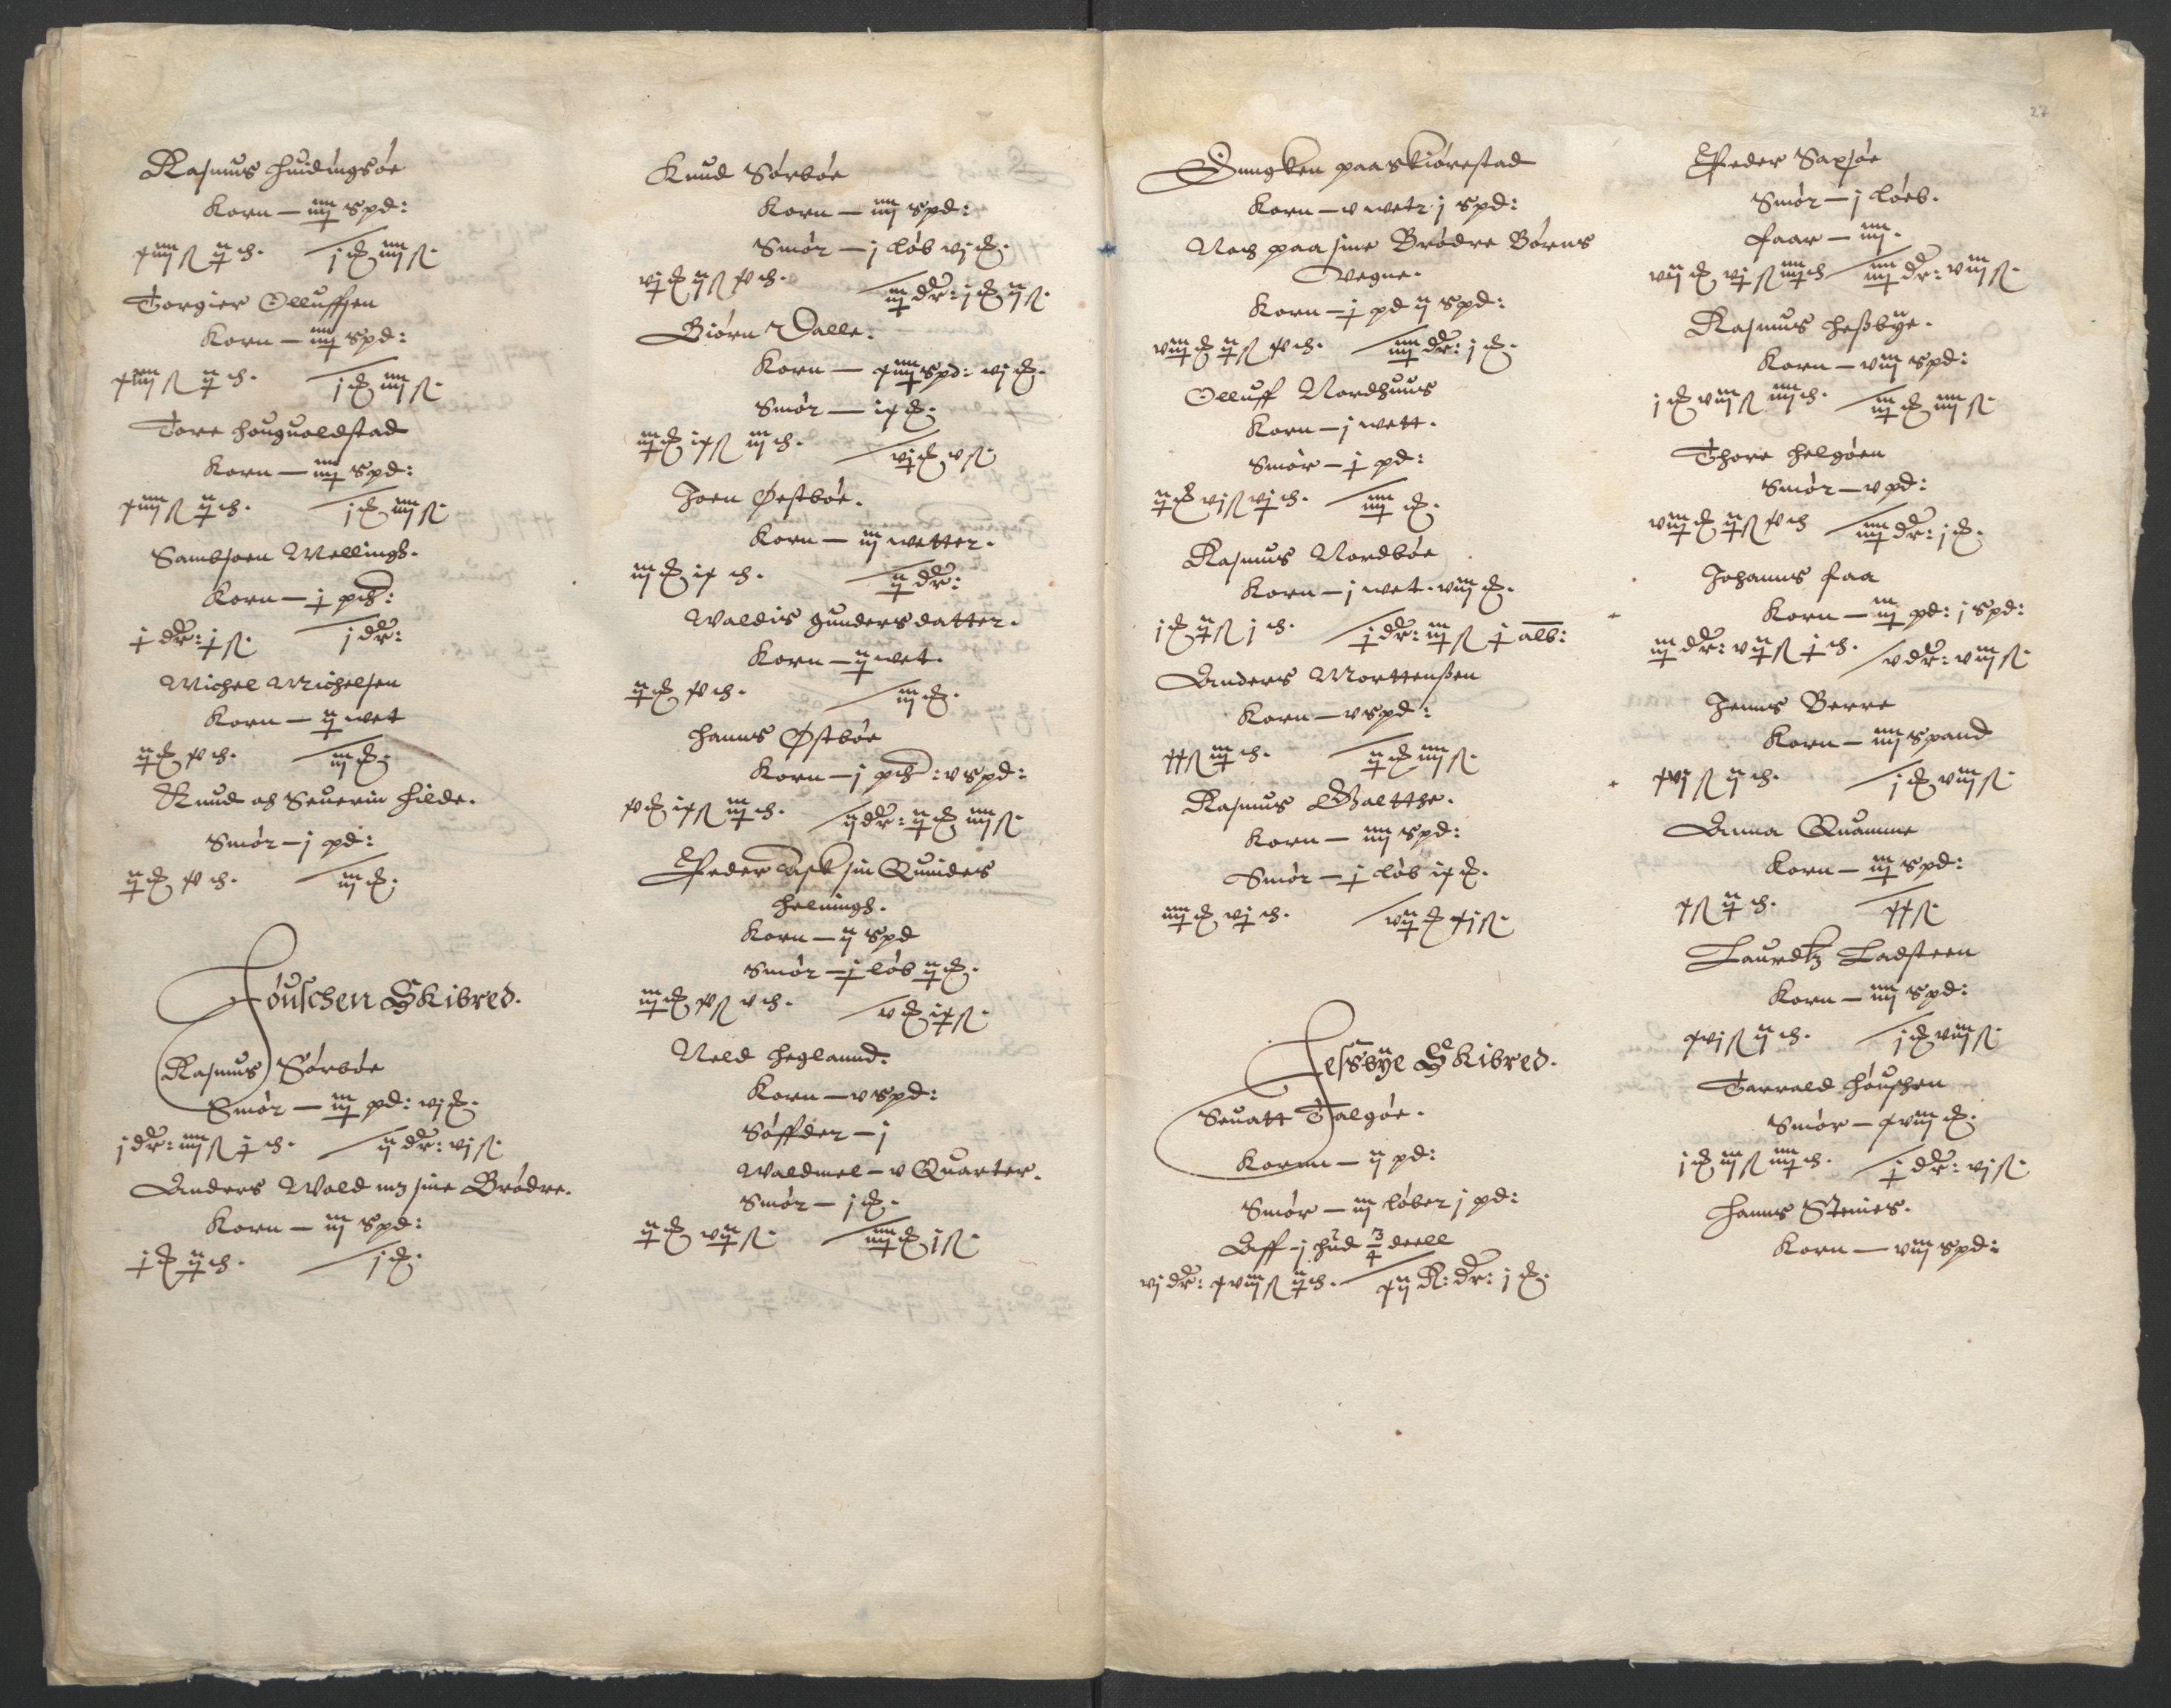 RA, Stattholderembetet 1572-1771, Ek/L0010: Jordebøker til utlikning av rosstjeneste 1624-1626:, 1624-1626, s. 92